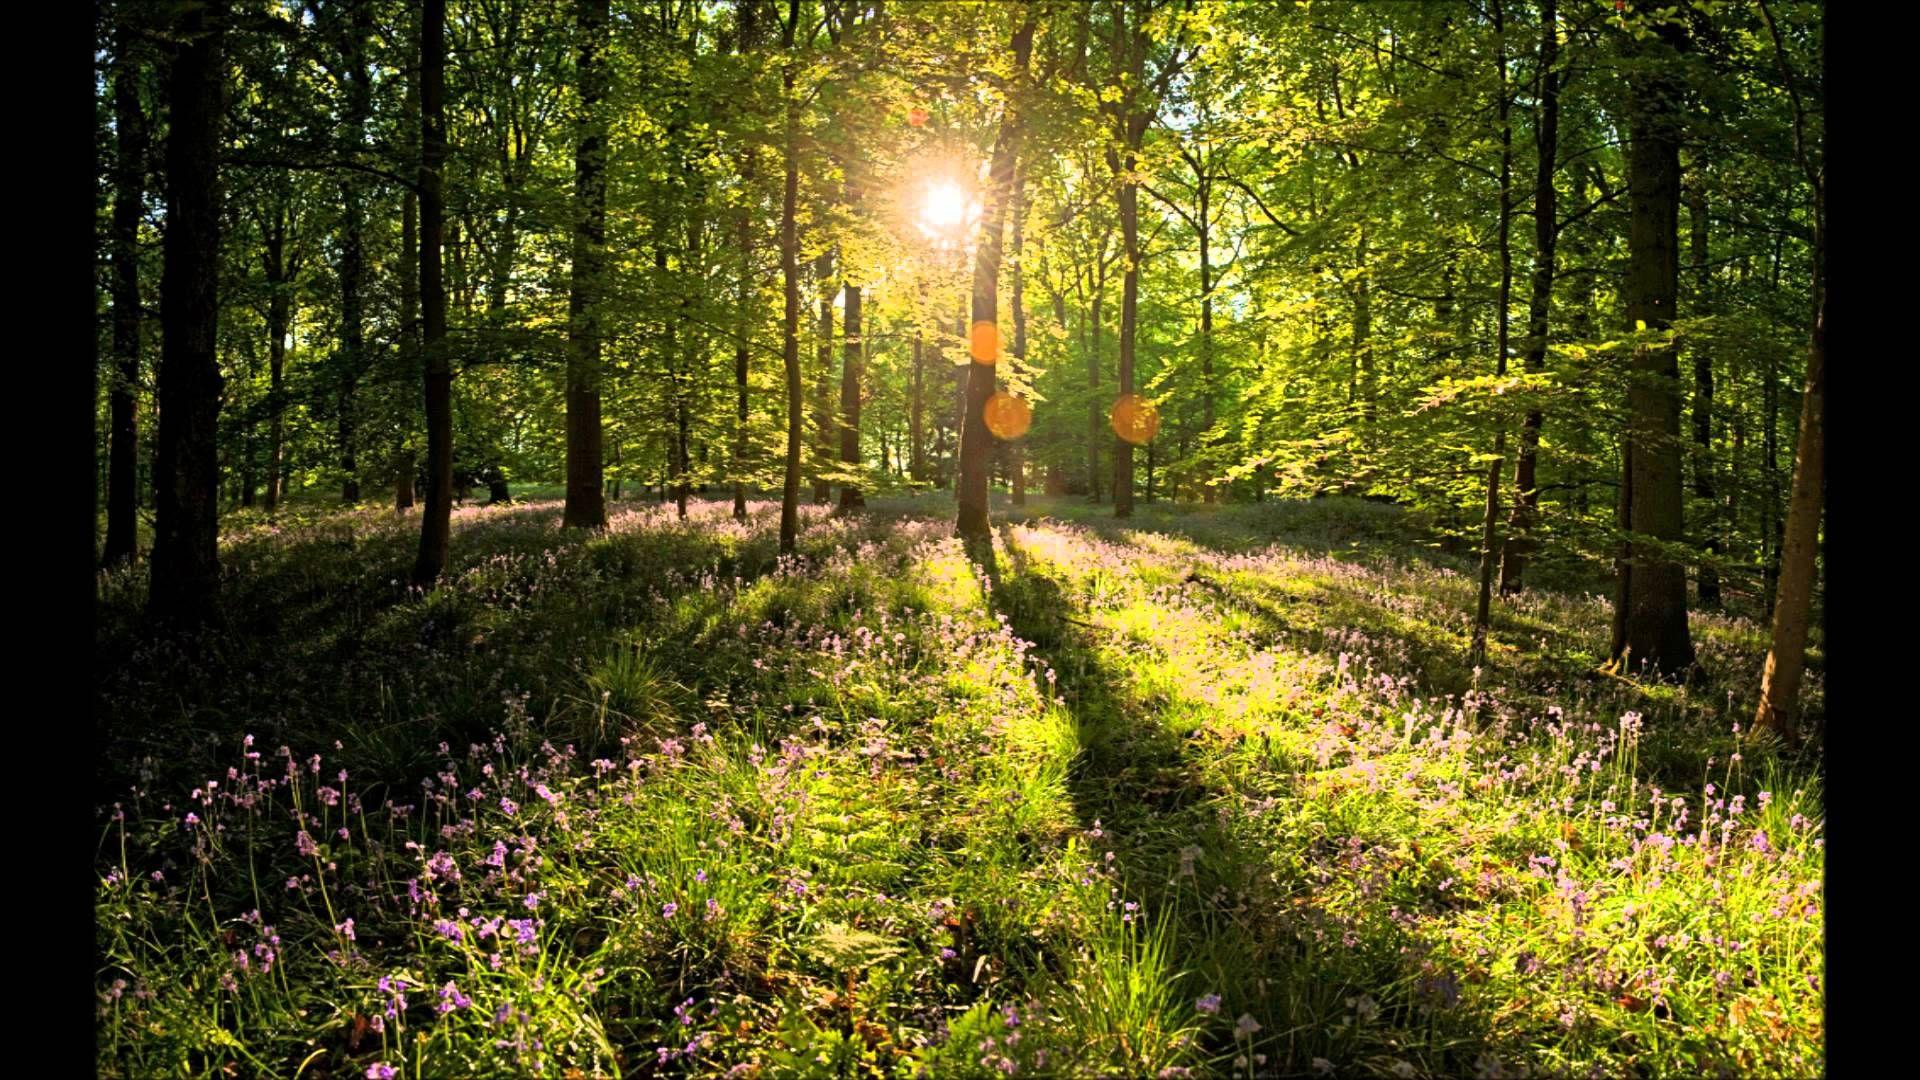 Zitten In Aandacht Voor Je Ademhaling Meditatie Spiritualiteit Relax